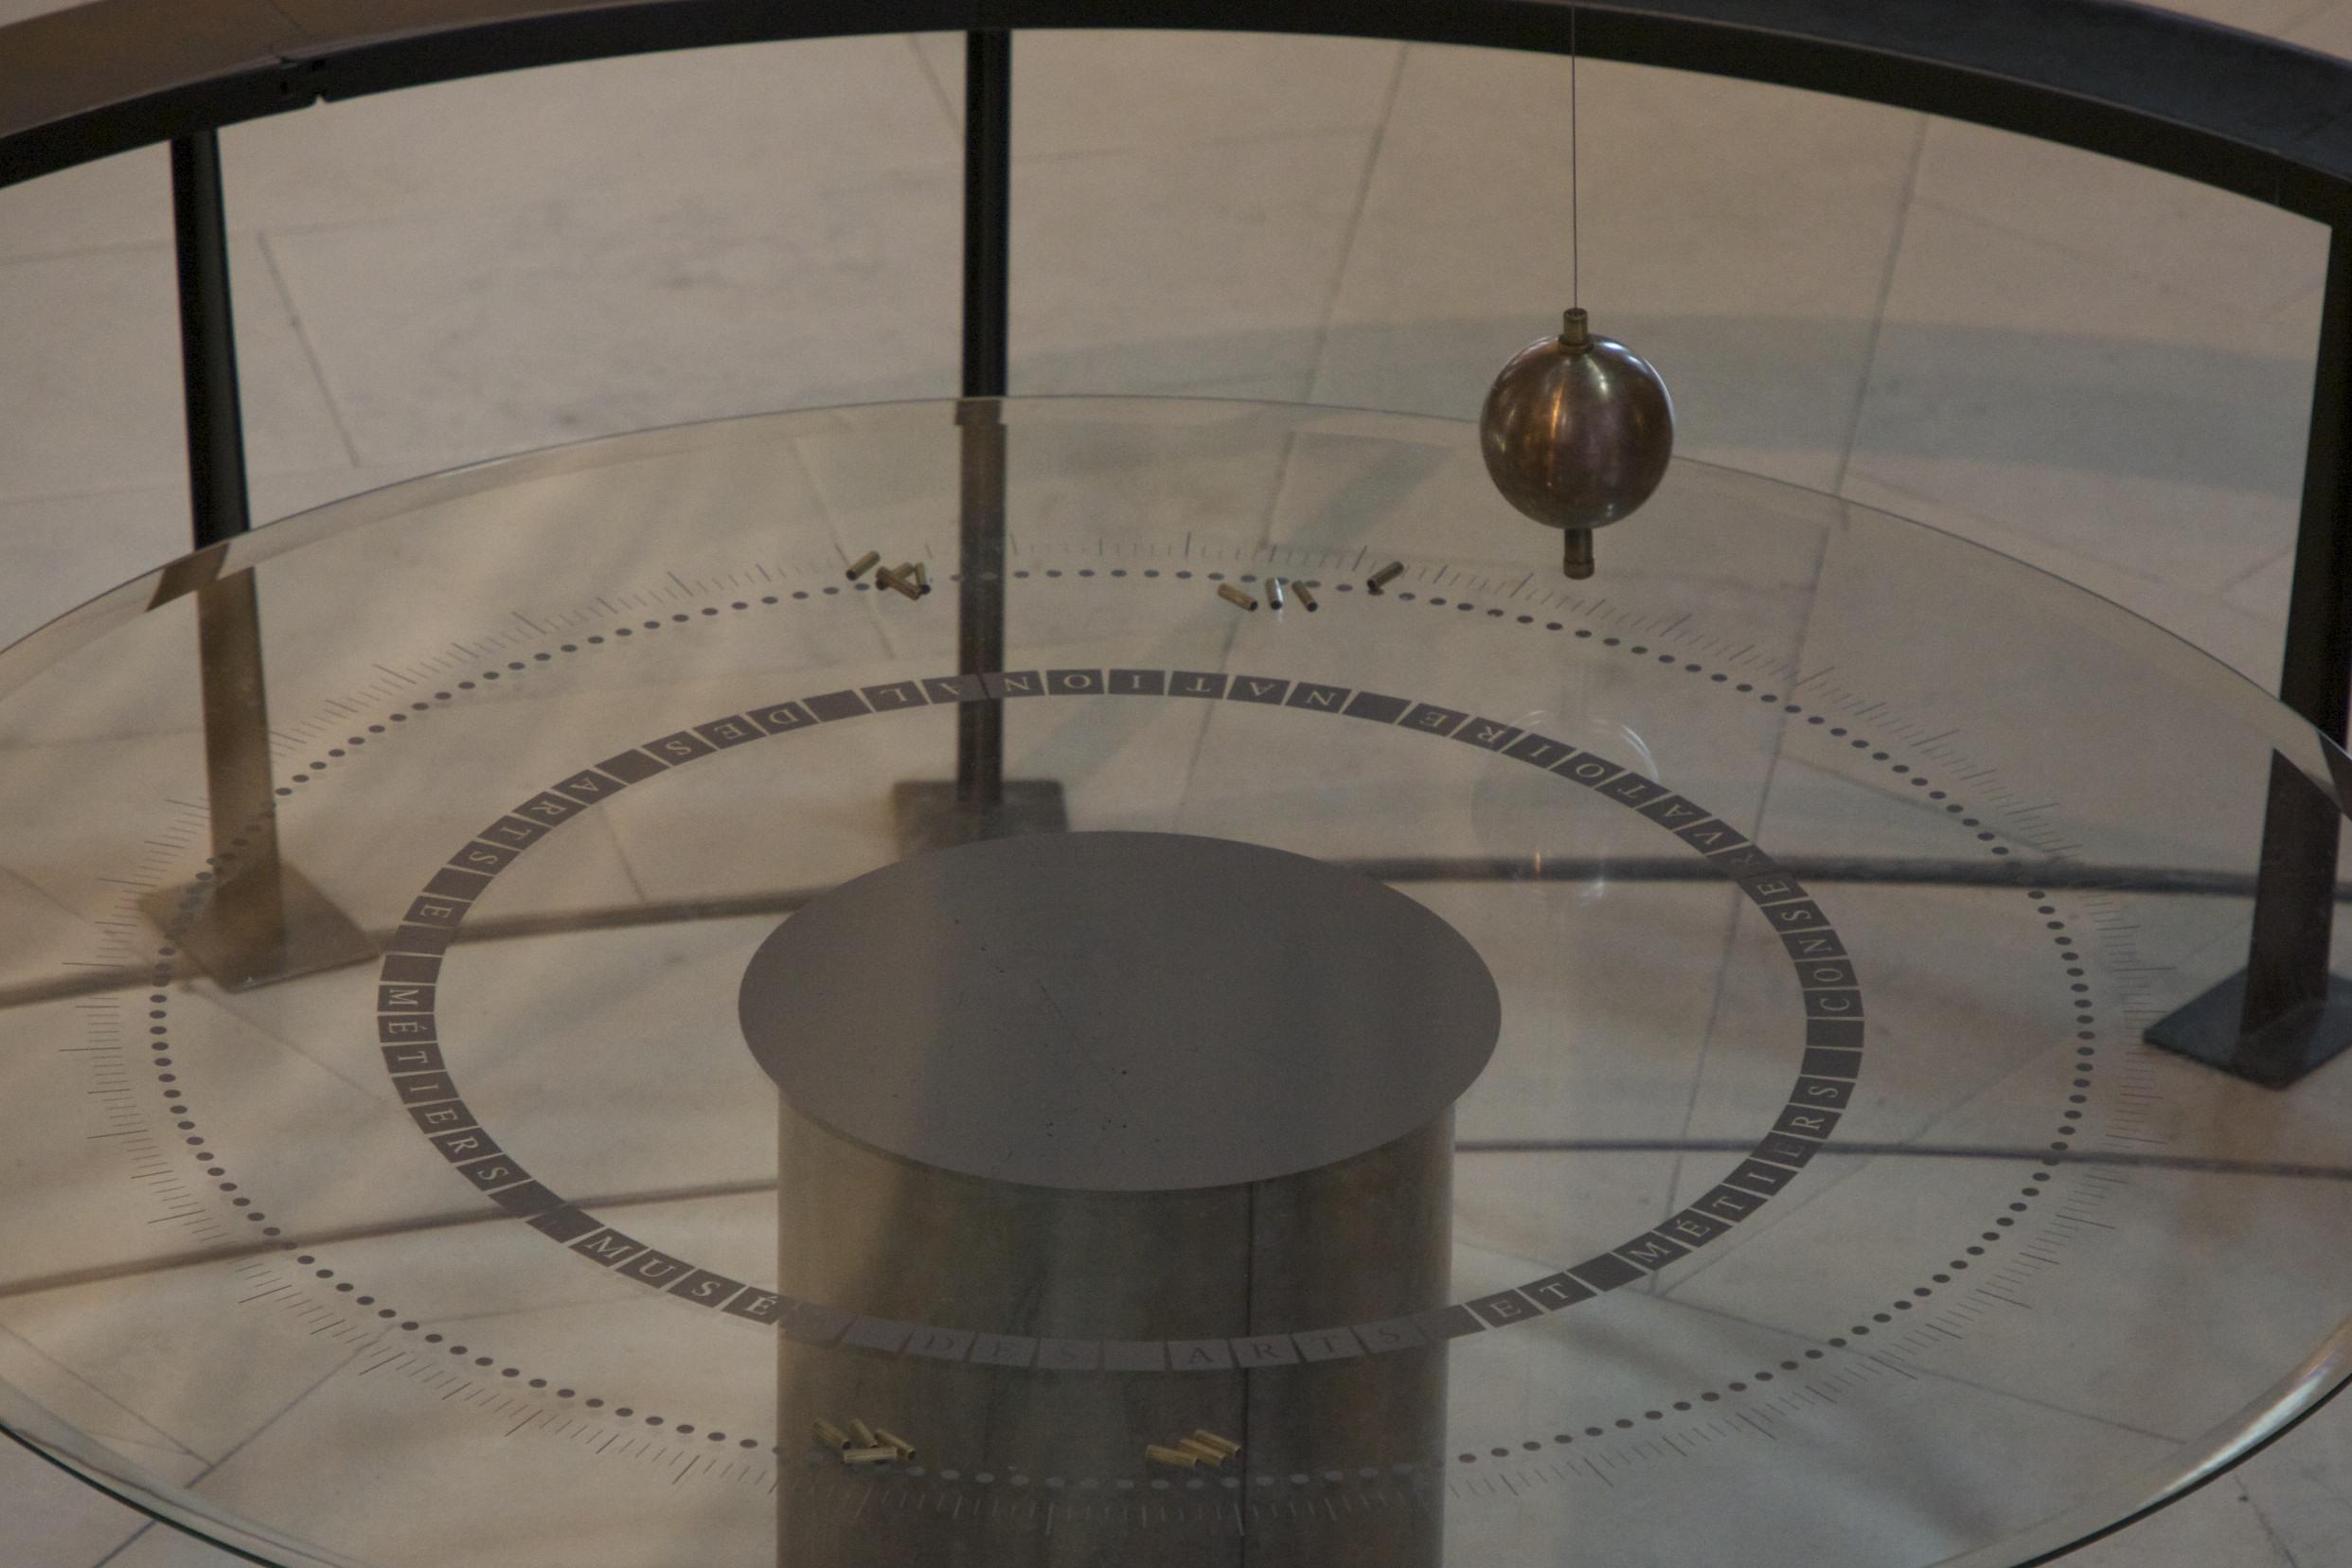 Foucalt's Pendulum at the Musée des Arts et Metiers.